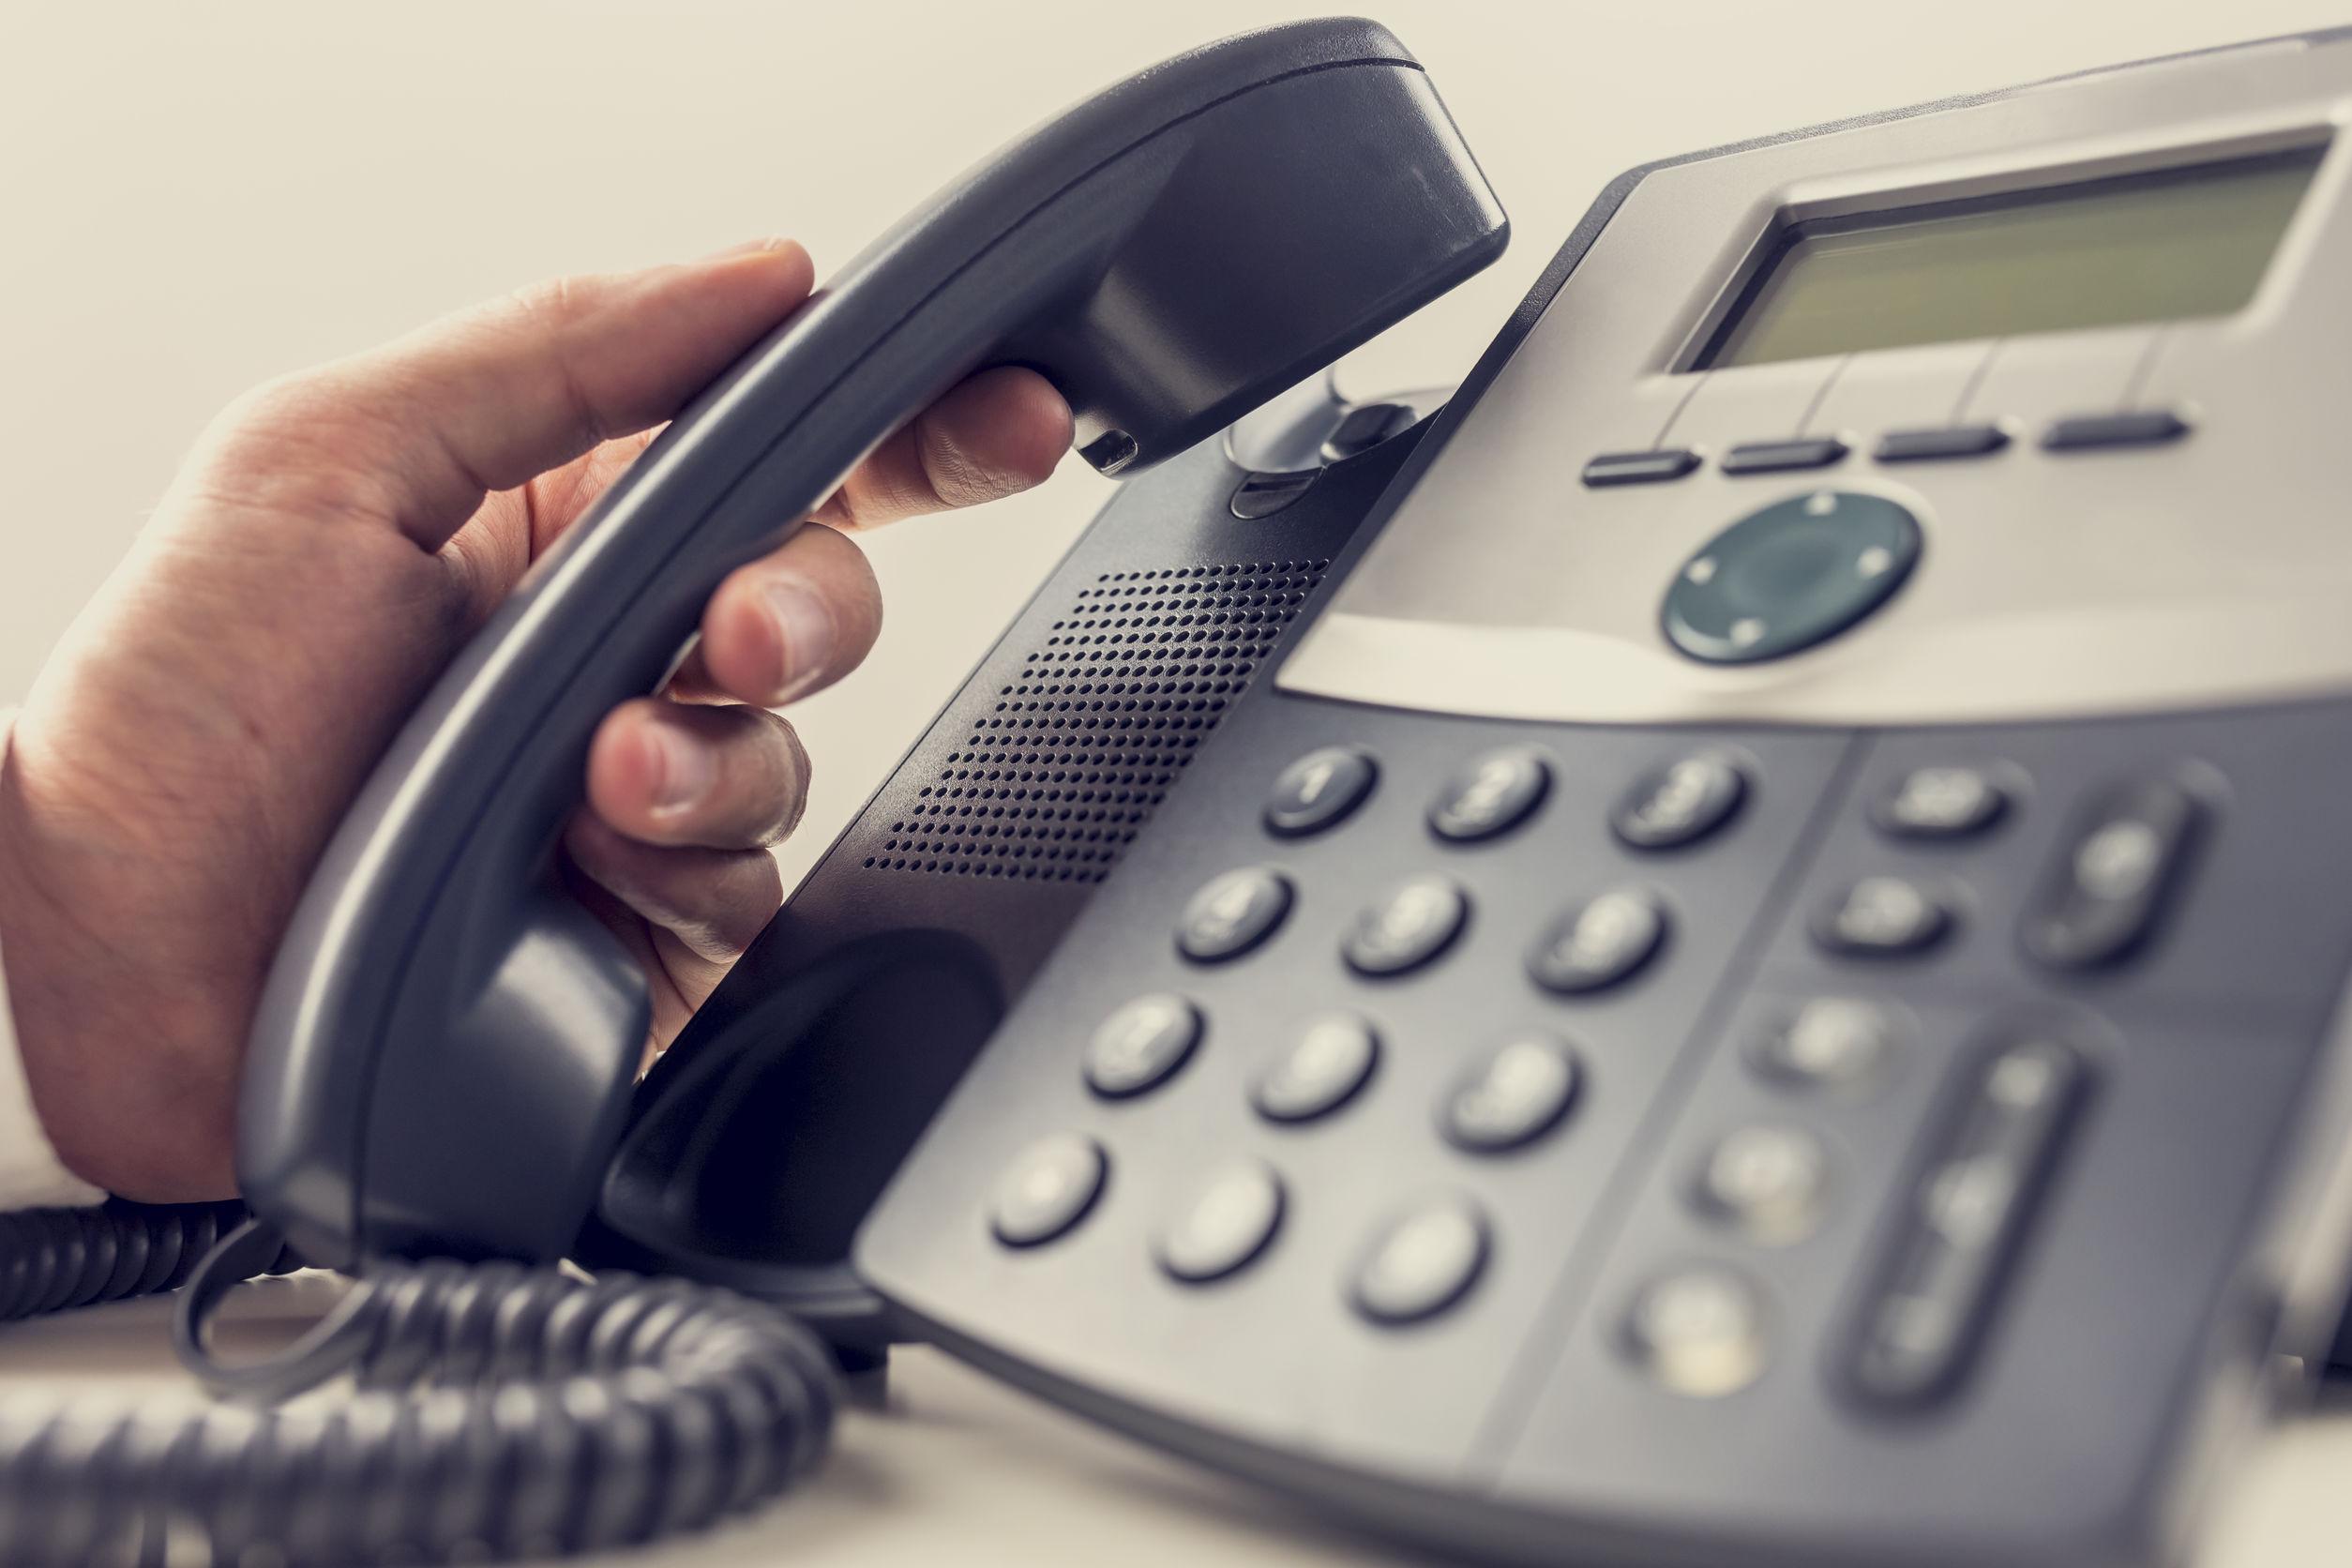 Huistelefoon: Wat zijn de beste producten van (09/21)?